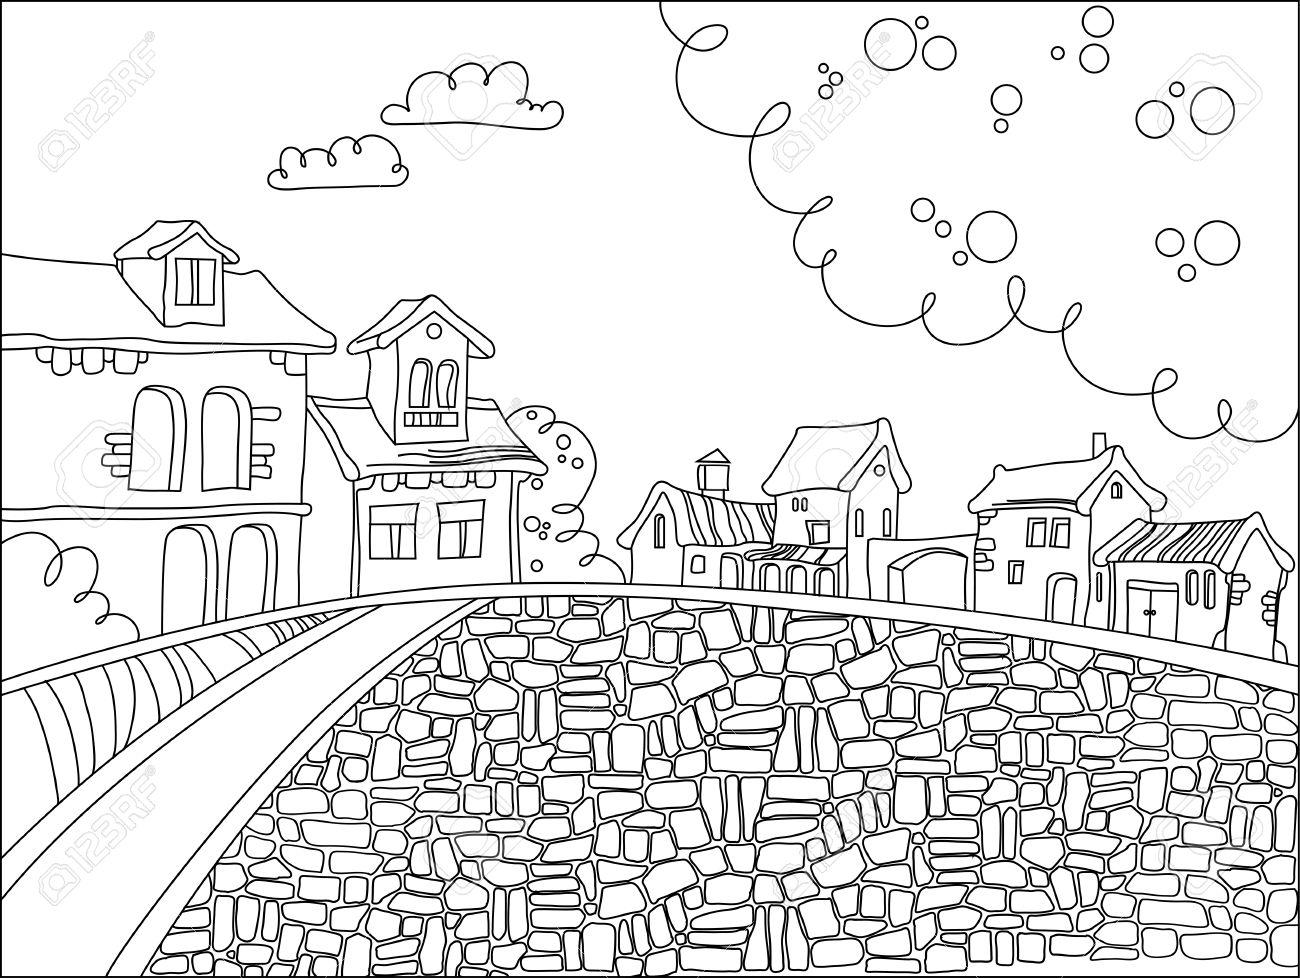 Schwarz-Weiß Stadtplatz Im Cartoon-Stil. Hand Gezeichnet Doodle ...